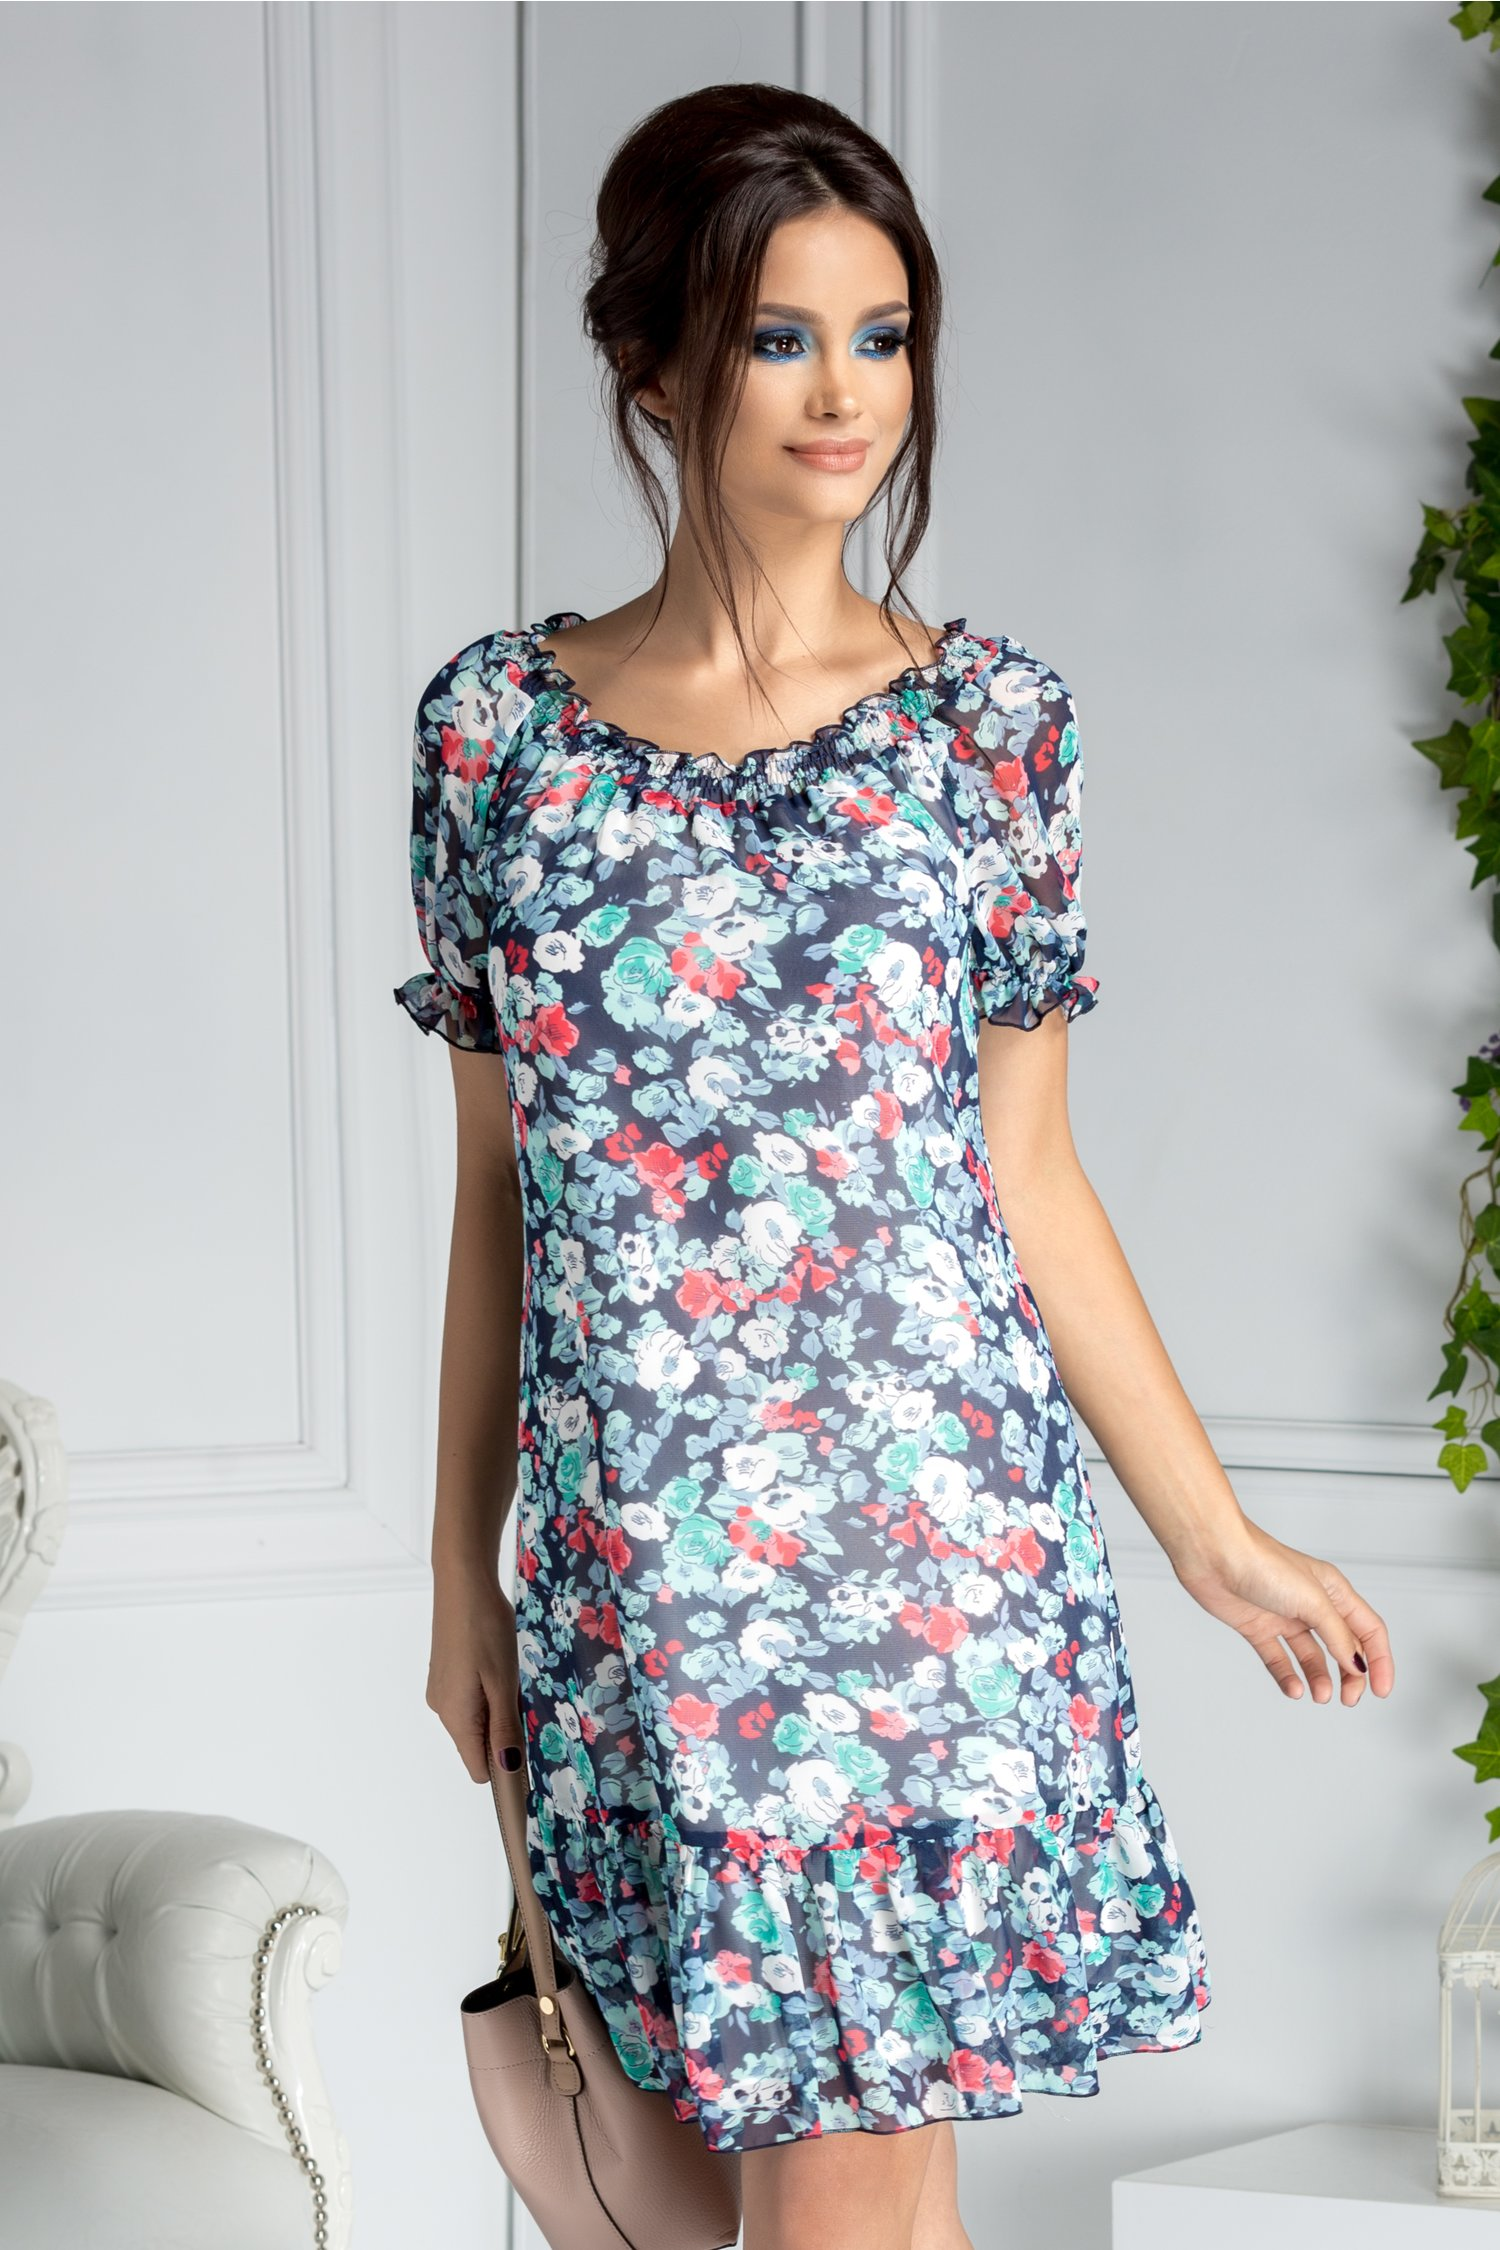 Rochie Ladonna vaporoasa de vara bleumarin cu imprimeu floral